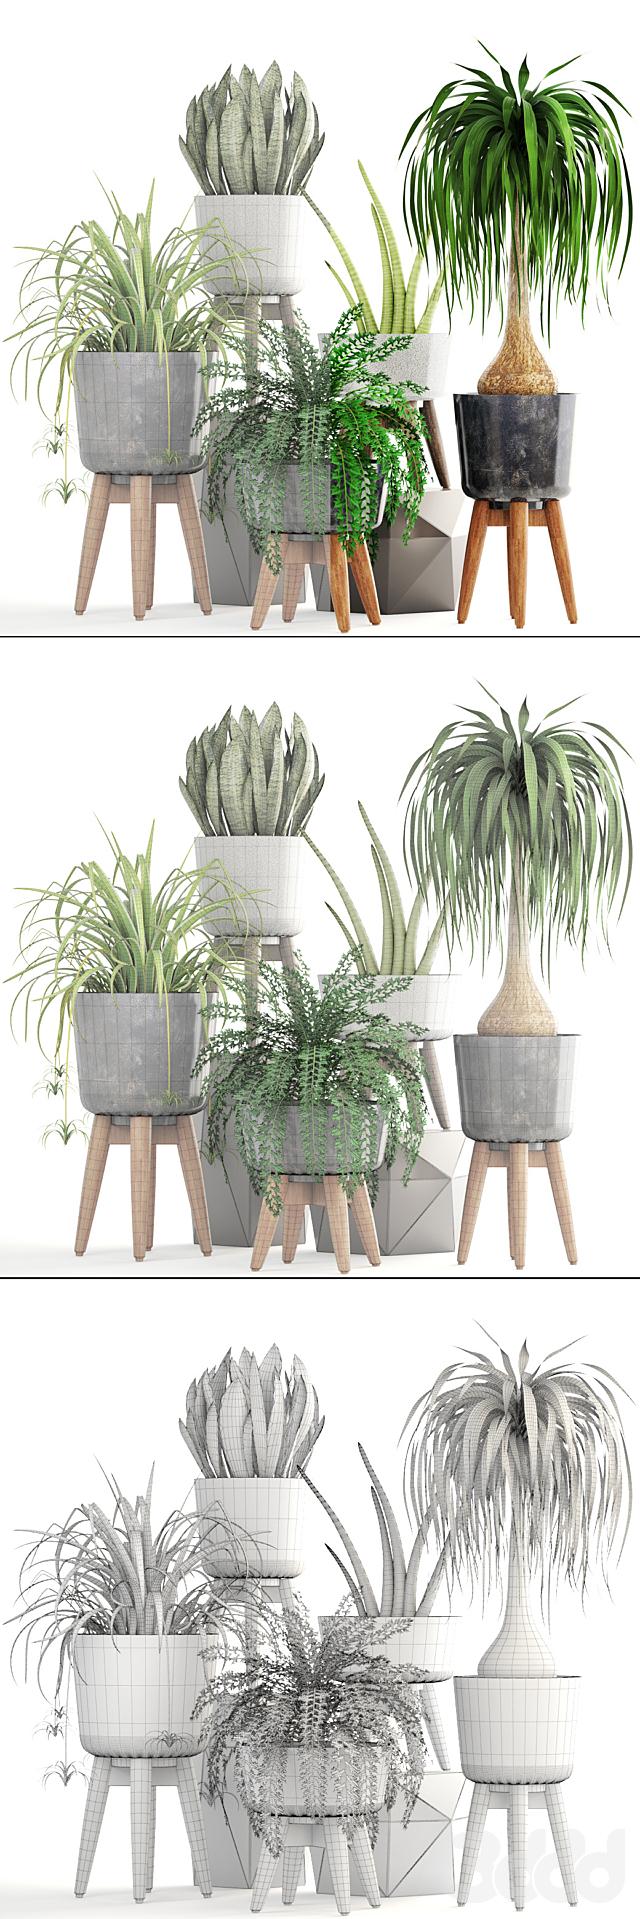 Коллекция растений 182.